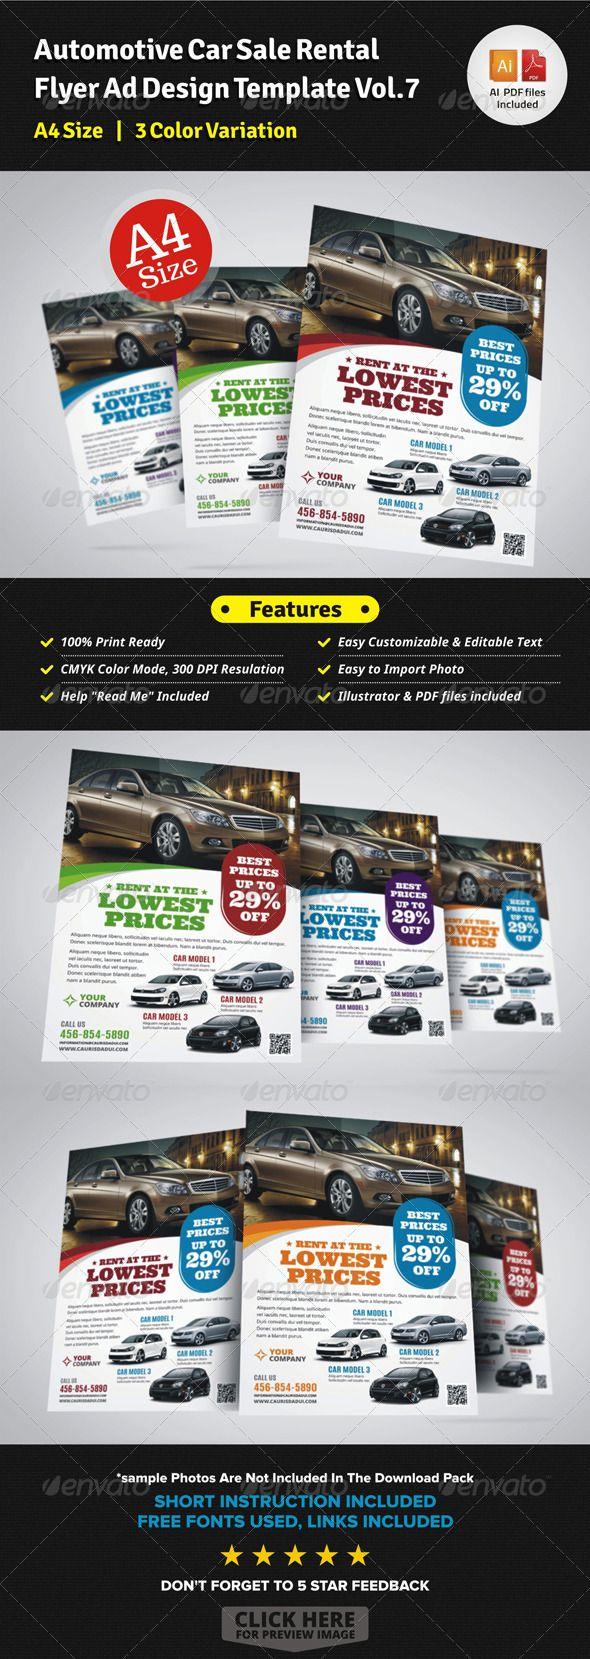 17 Best images about Car Flyer – Car Sale Flyer